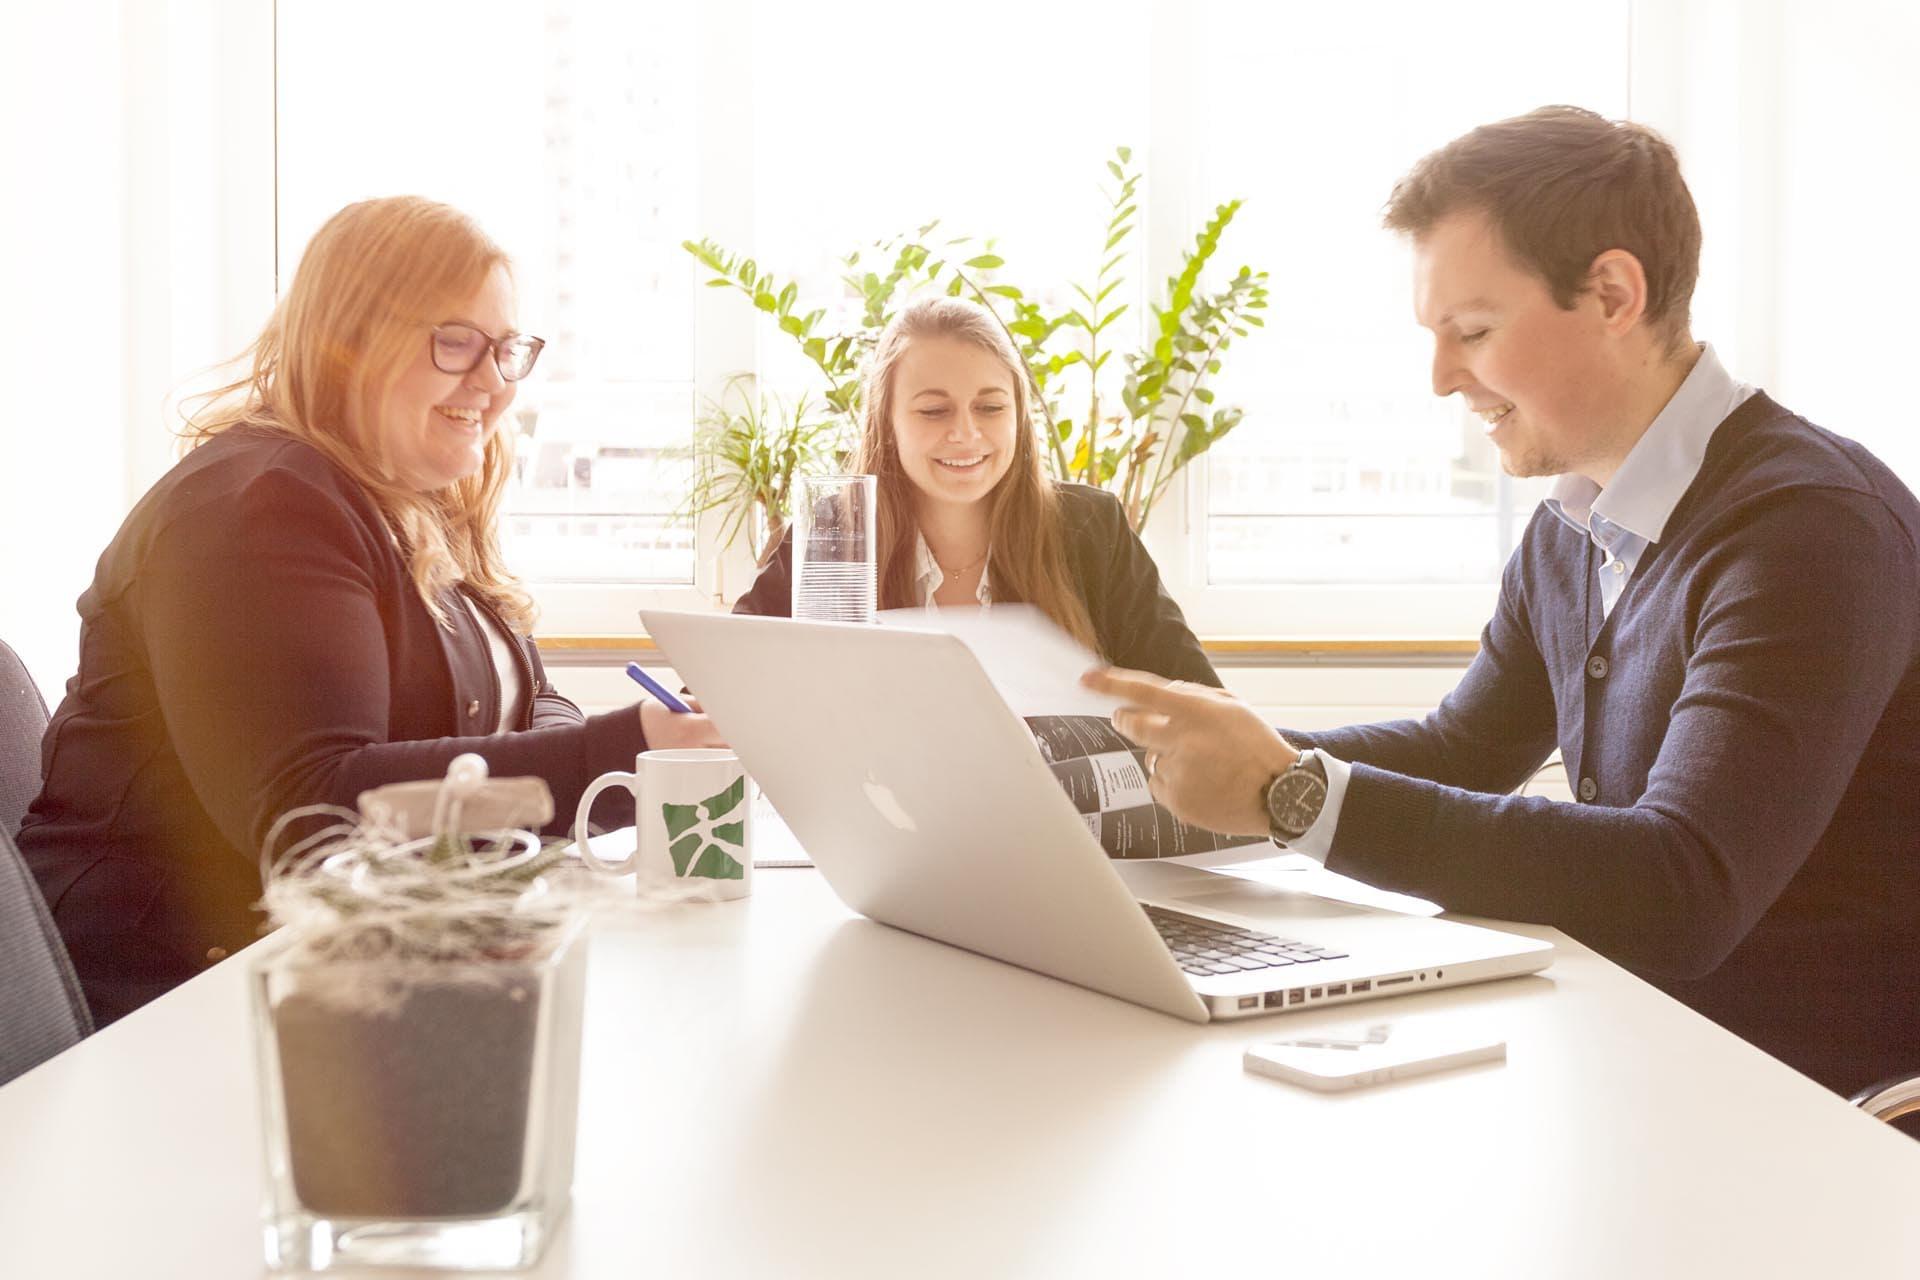 Zwei Frauen und ein Mann im Meeting